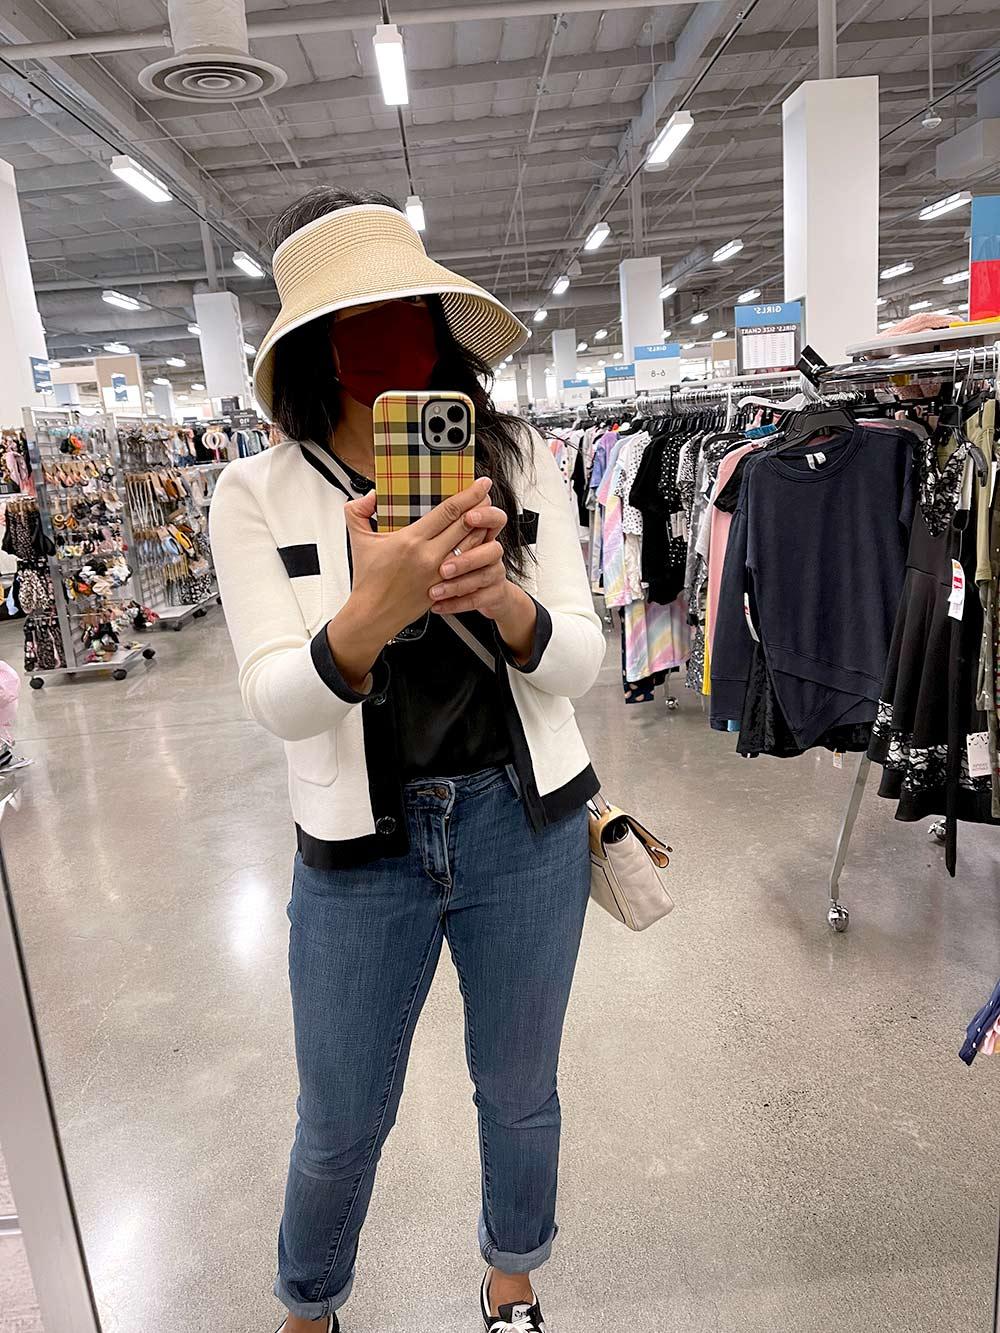 k in oversized visor